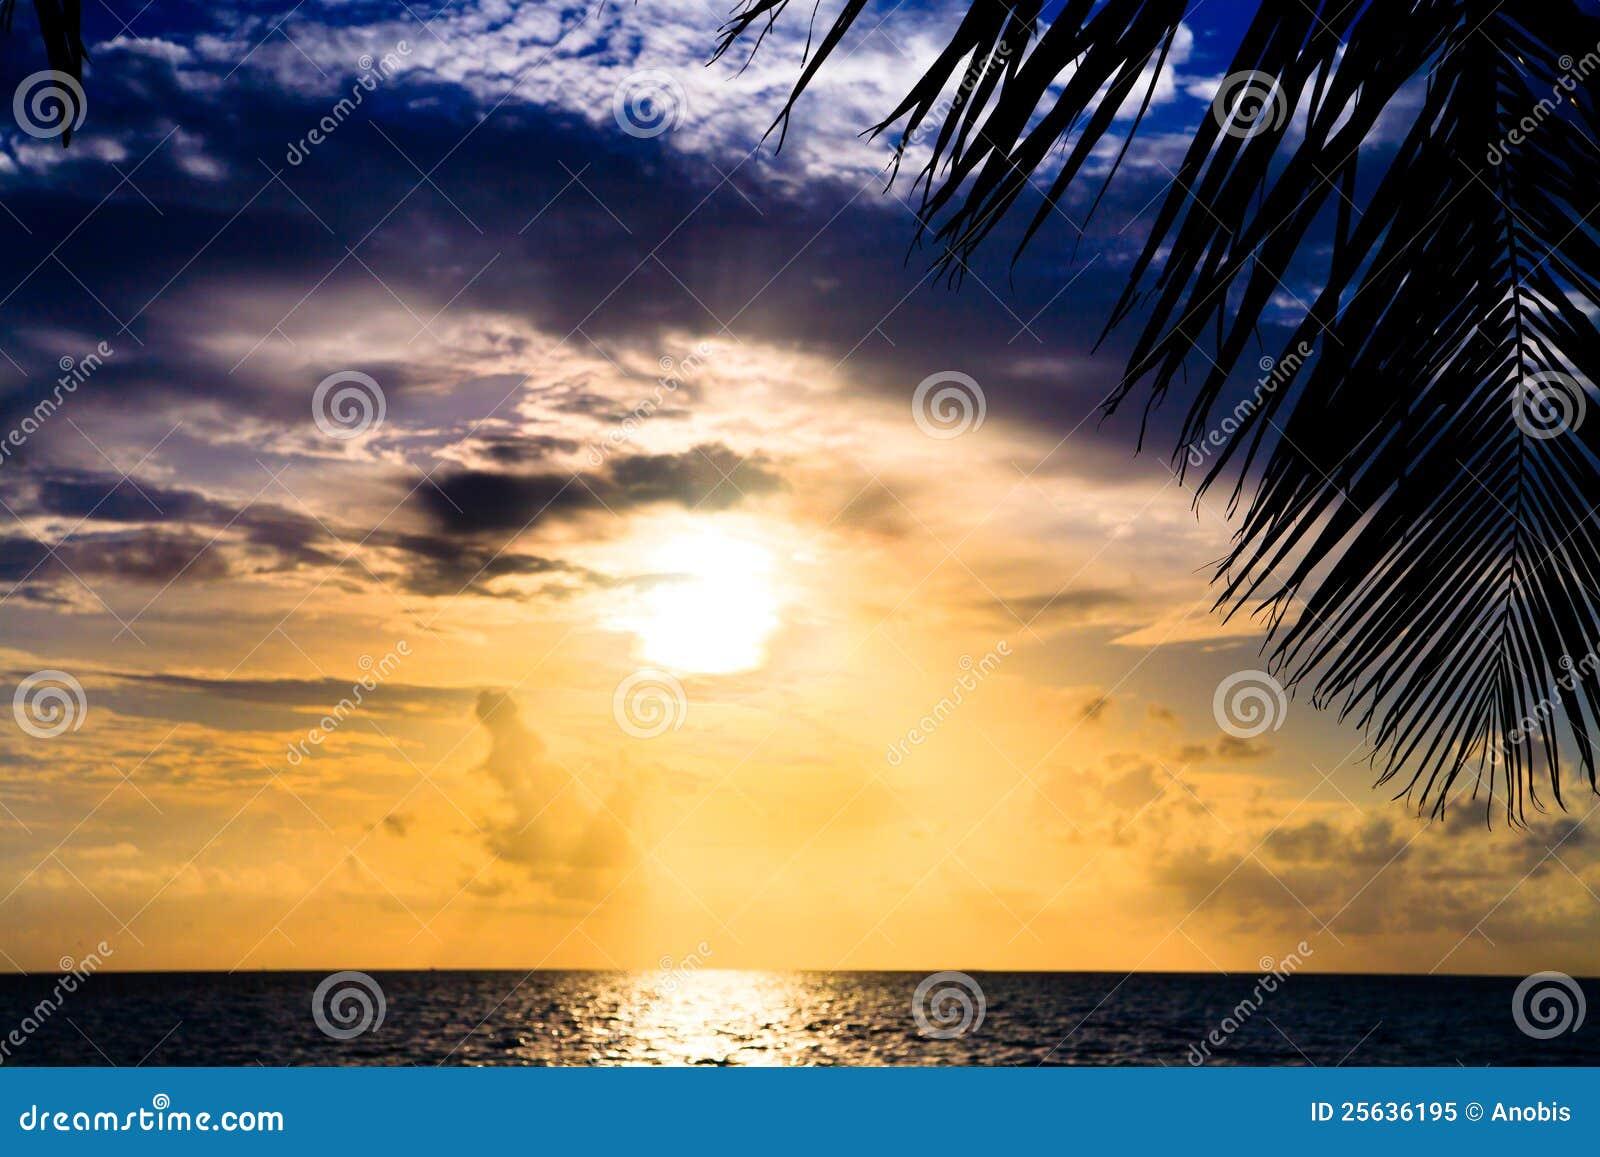 Maledivischer Sonnenuntergang